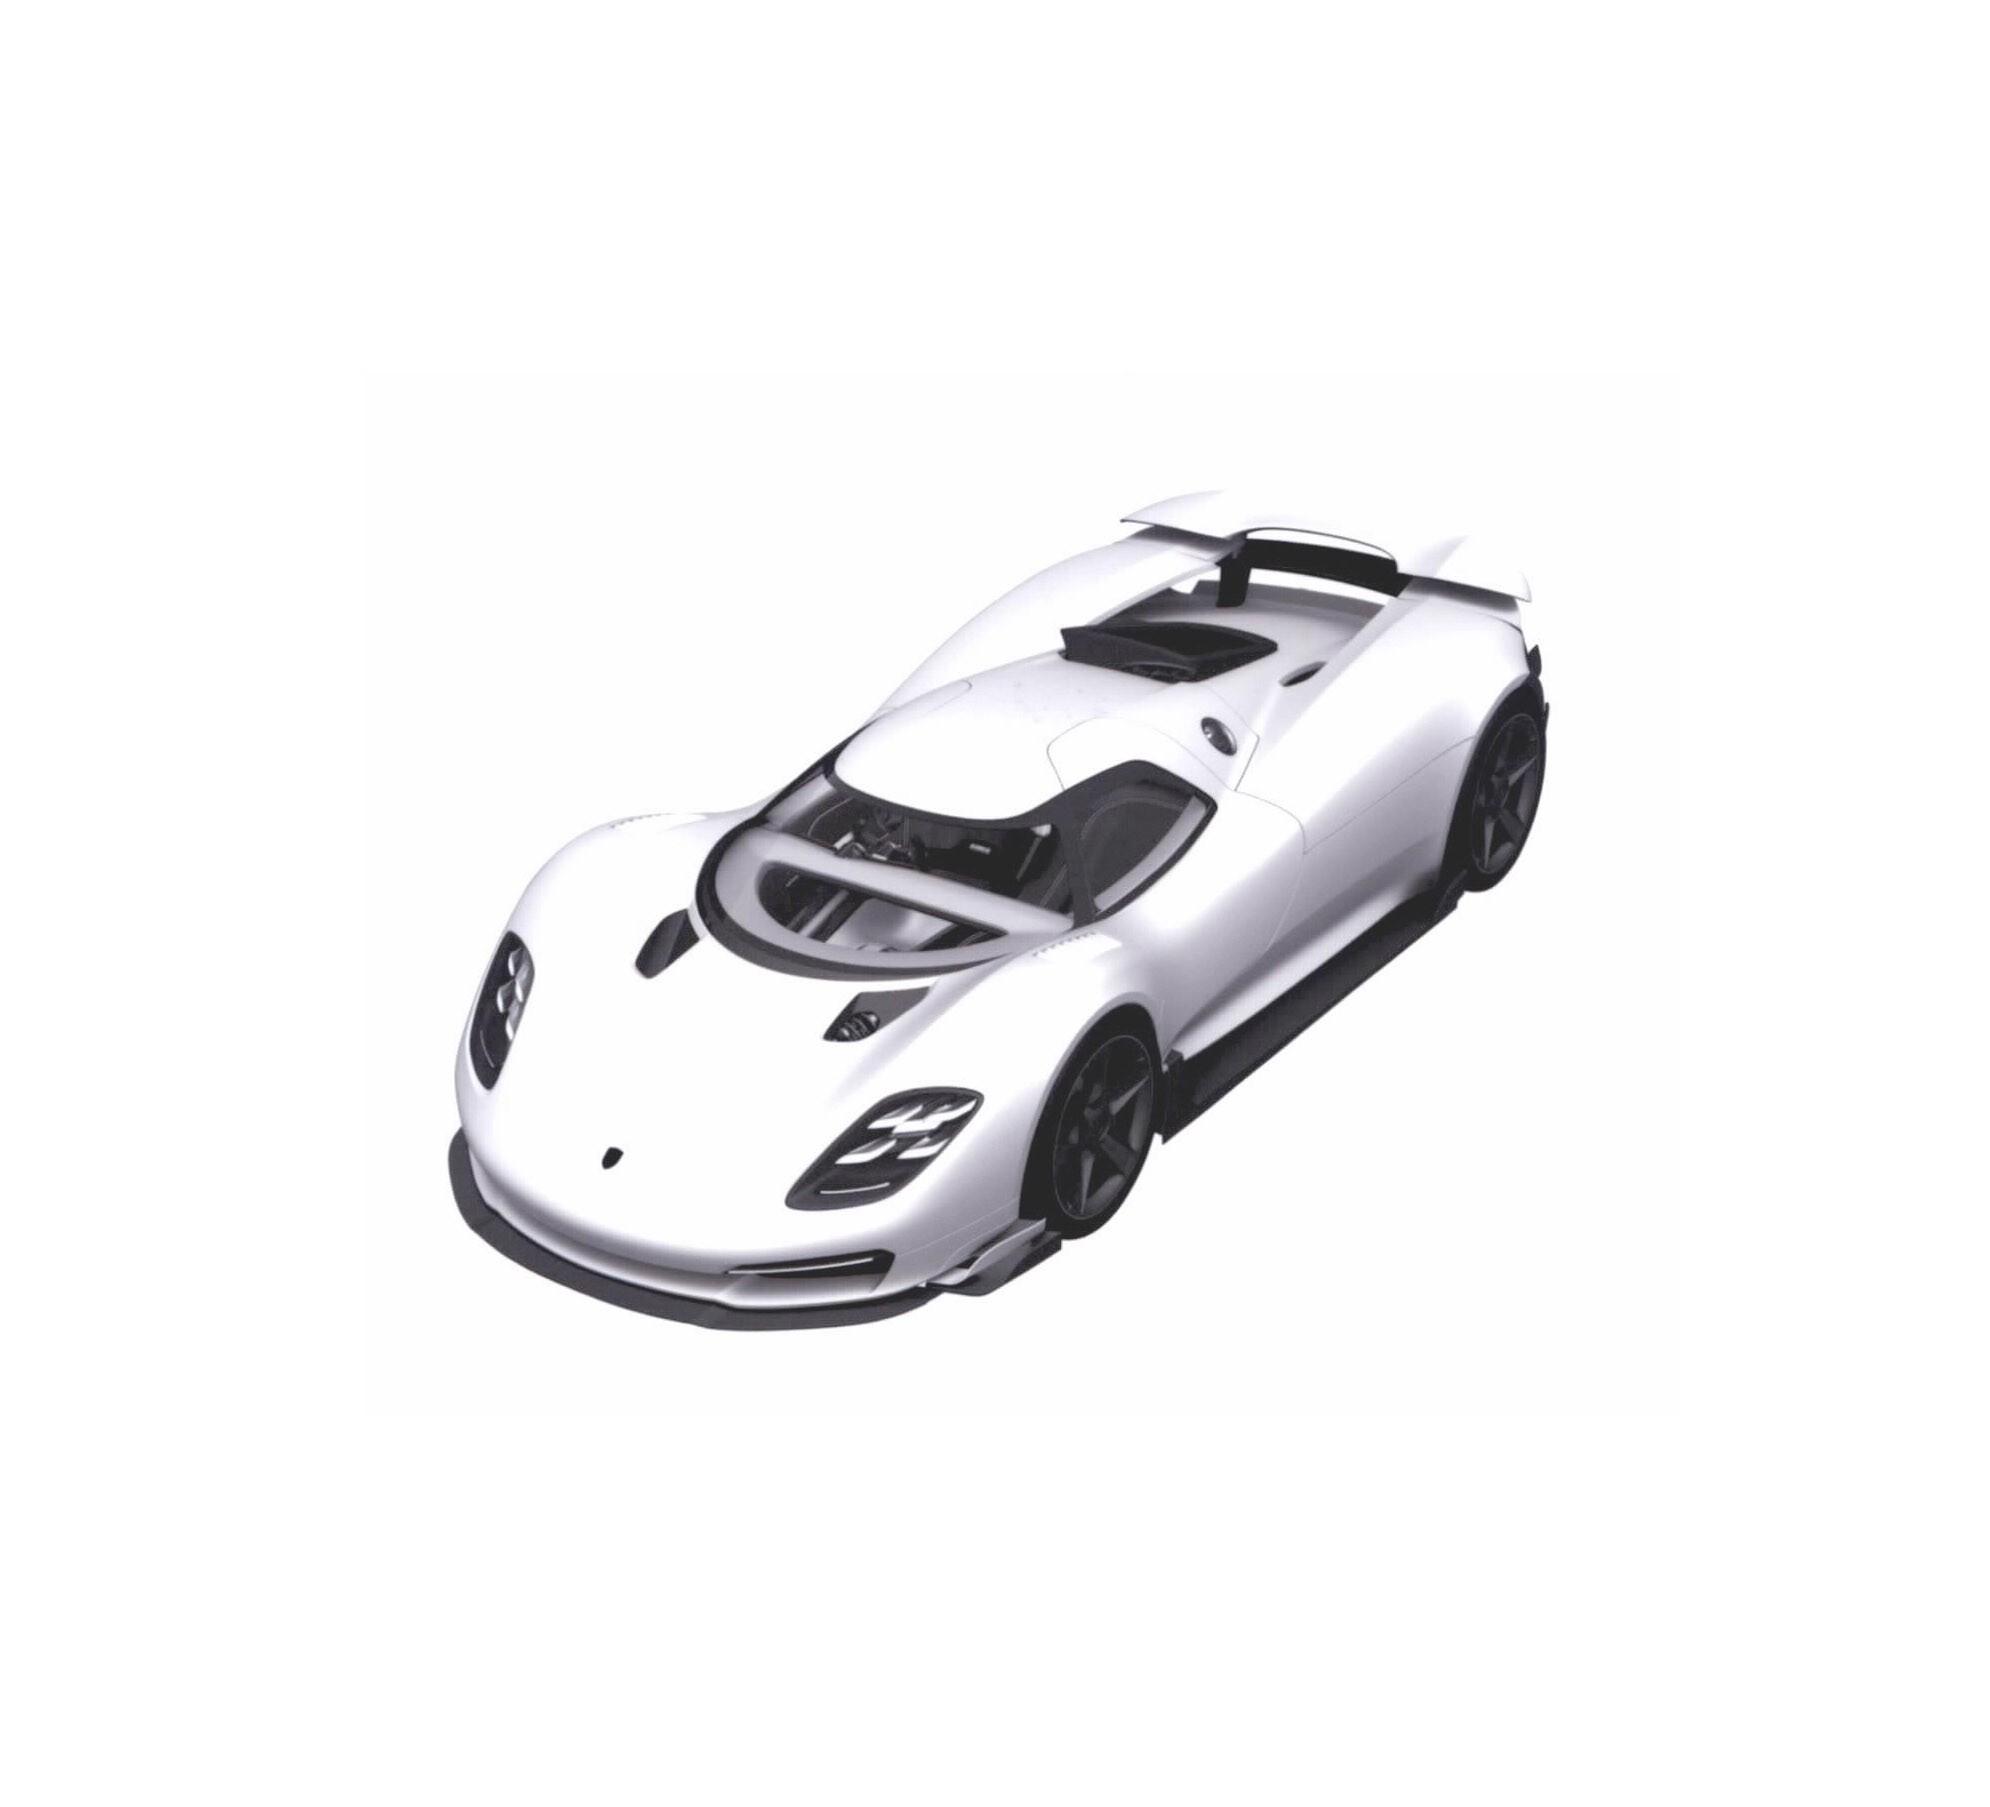 Porsche-918-Spyder-Successor-Patent-Images-2